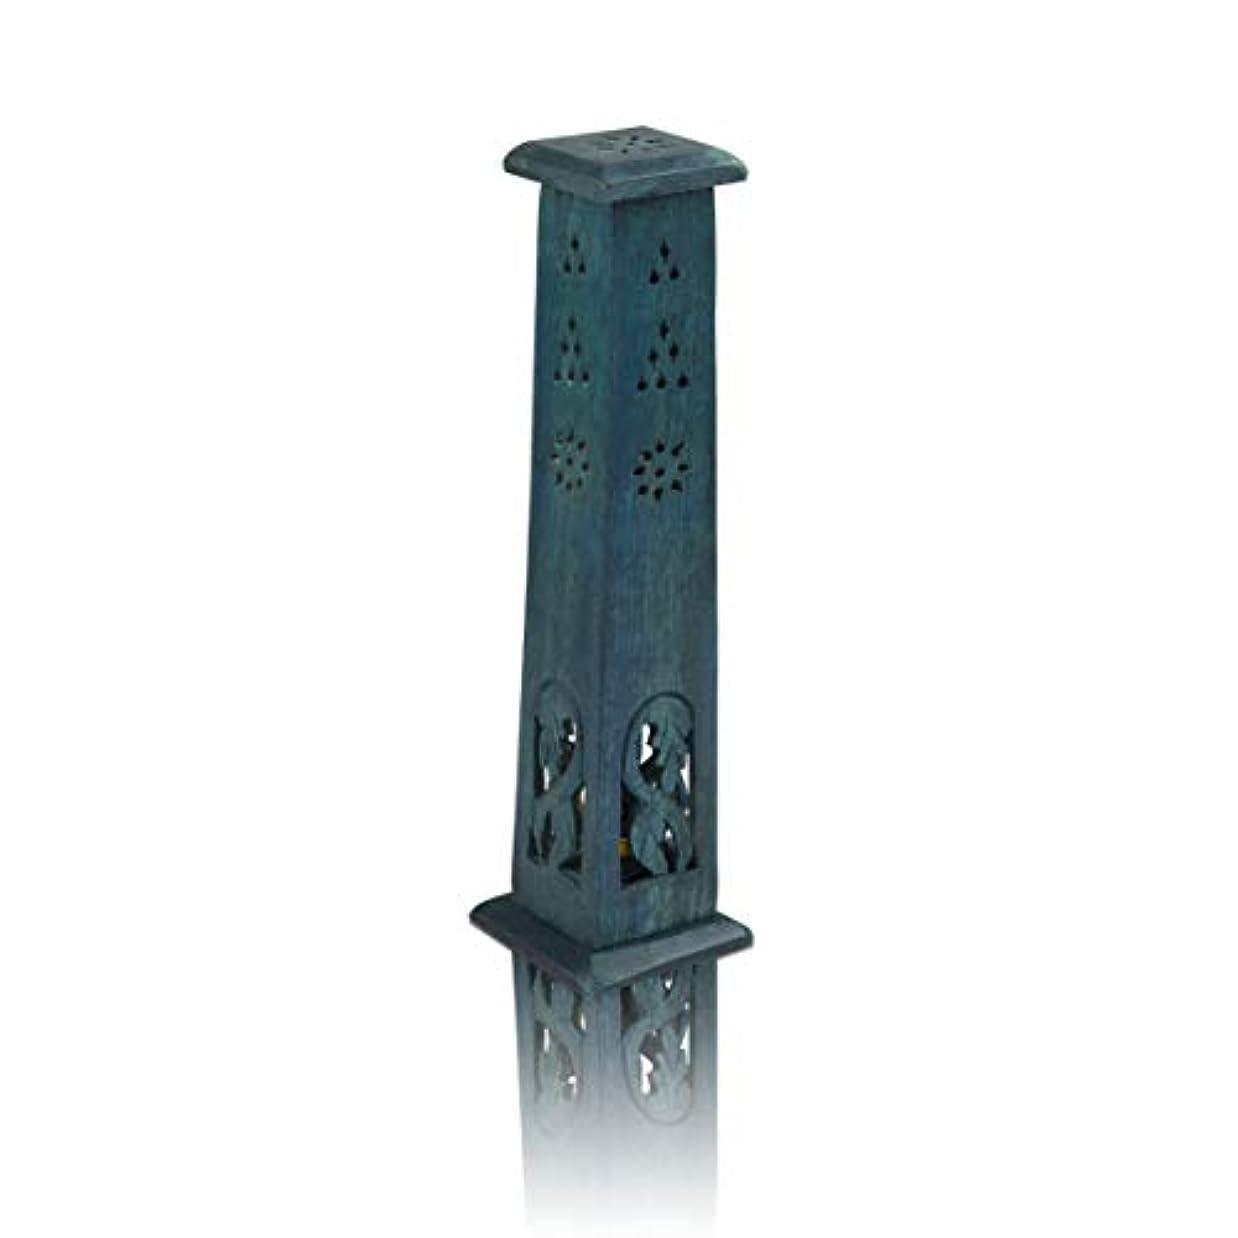 理論的不快な類人猿木製お香スティック&コーンバーナーホルダー タワー ラージ オーガニック エコフレンドリー アッシュキャッチャー アガーバティホルダー 素朴なスタイル 手彫り 瞑想 ヨガ アロマセラピー ホームフレグランス製品